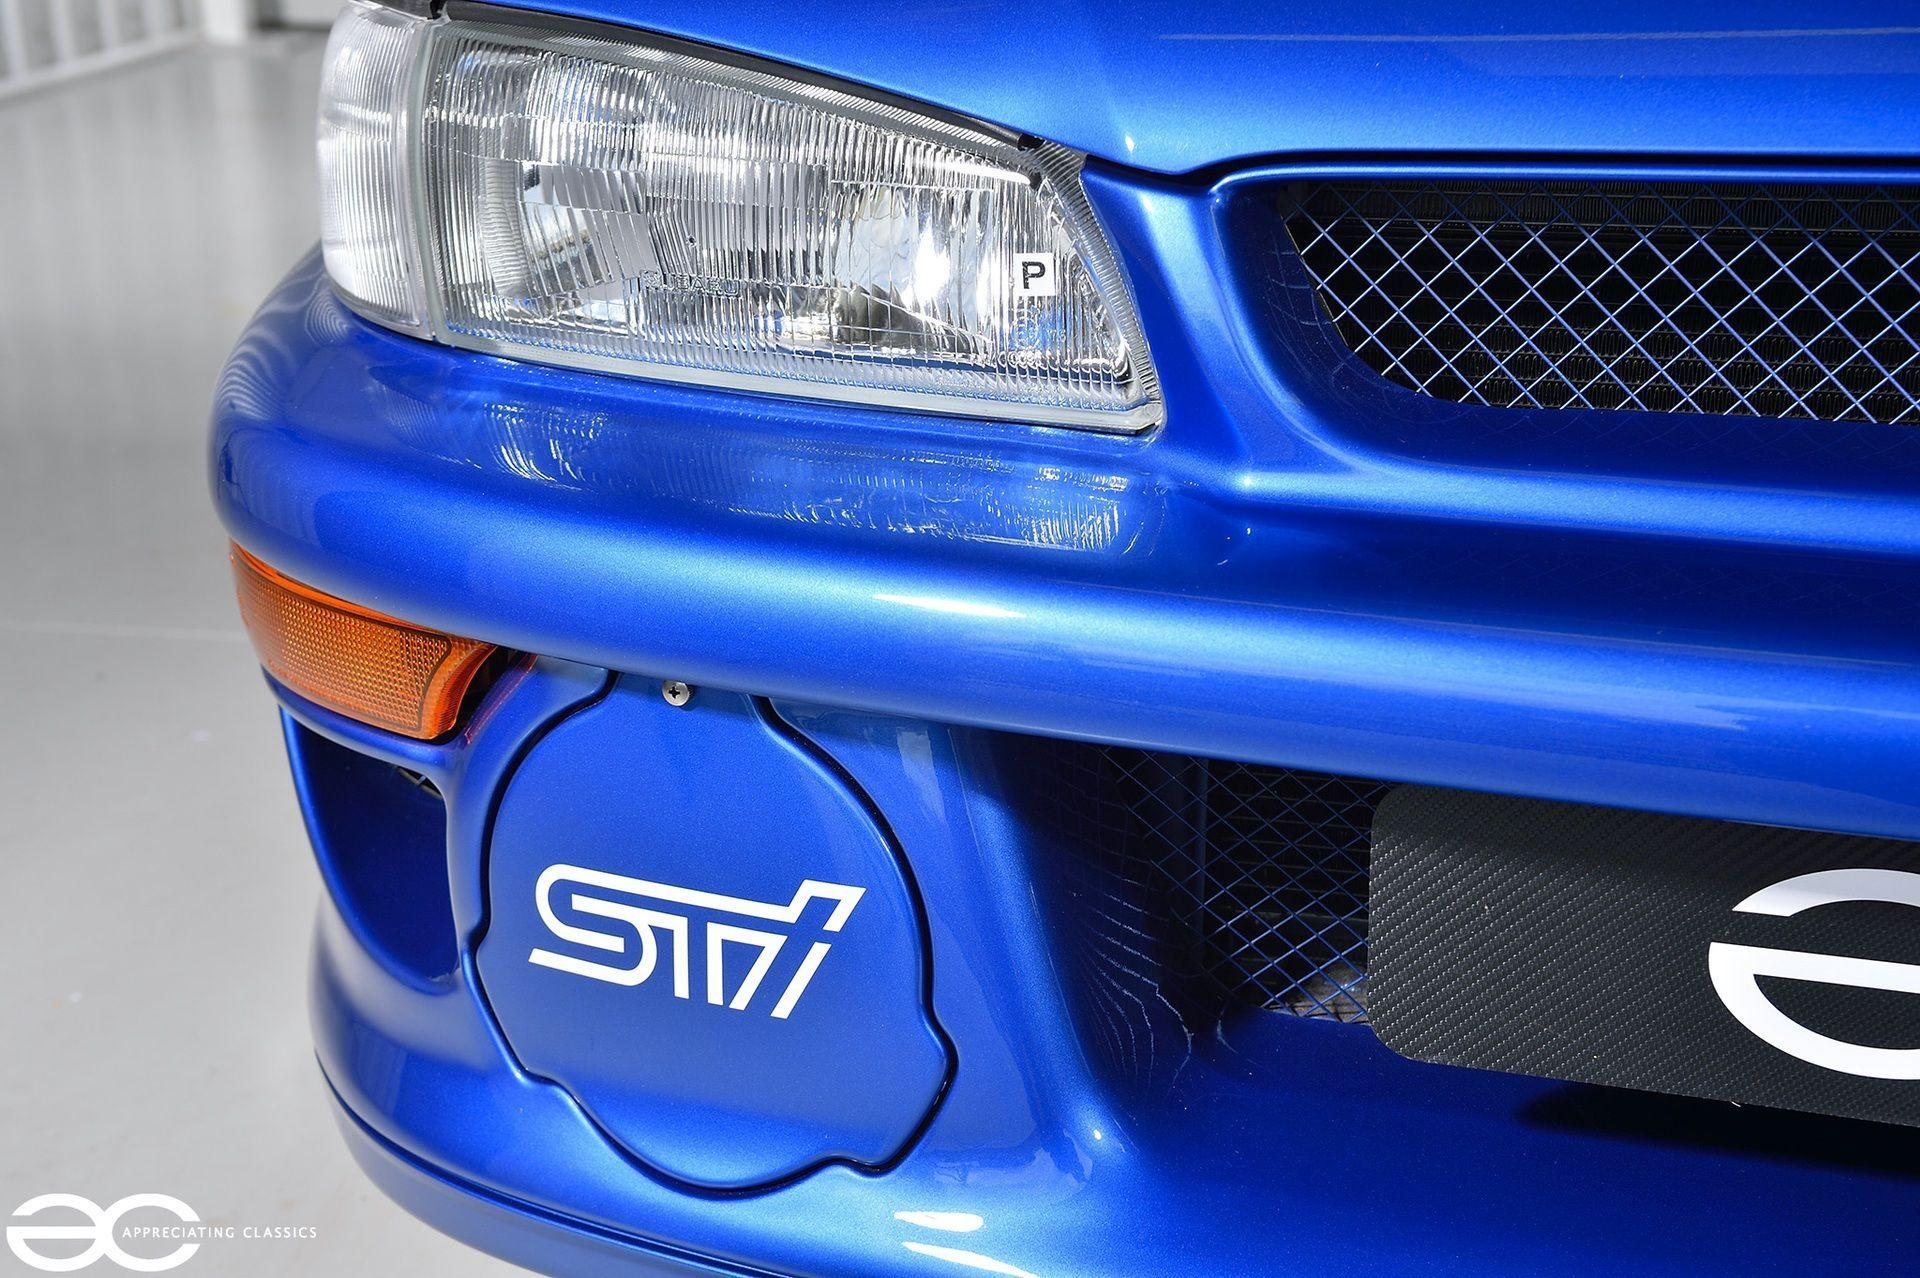 1998_Subaru_Impreza_22B_sale_0003